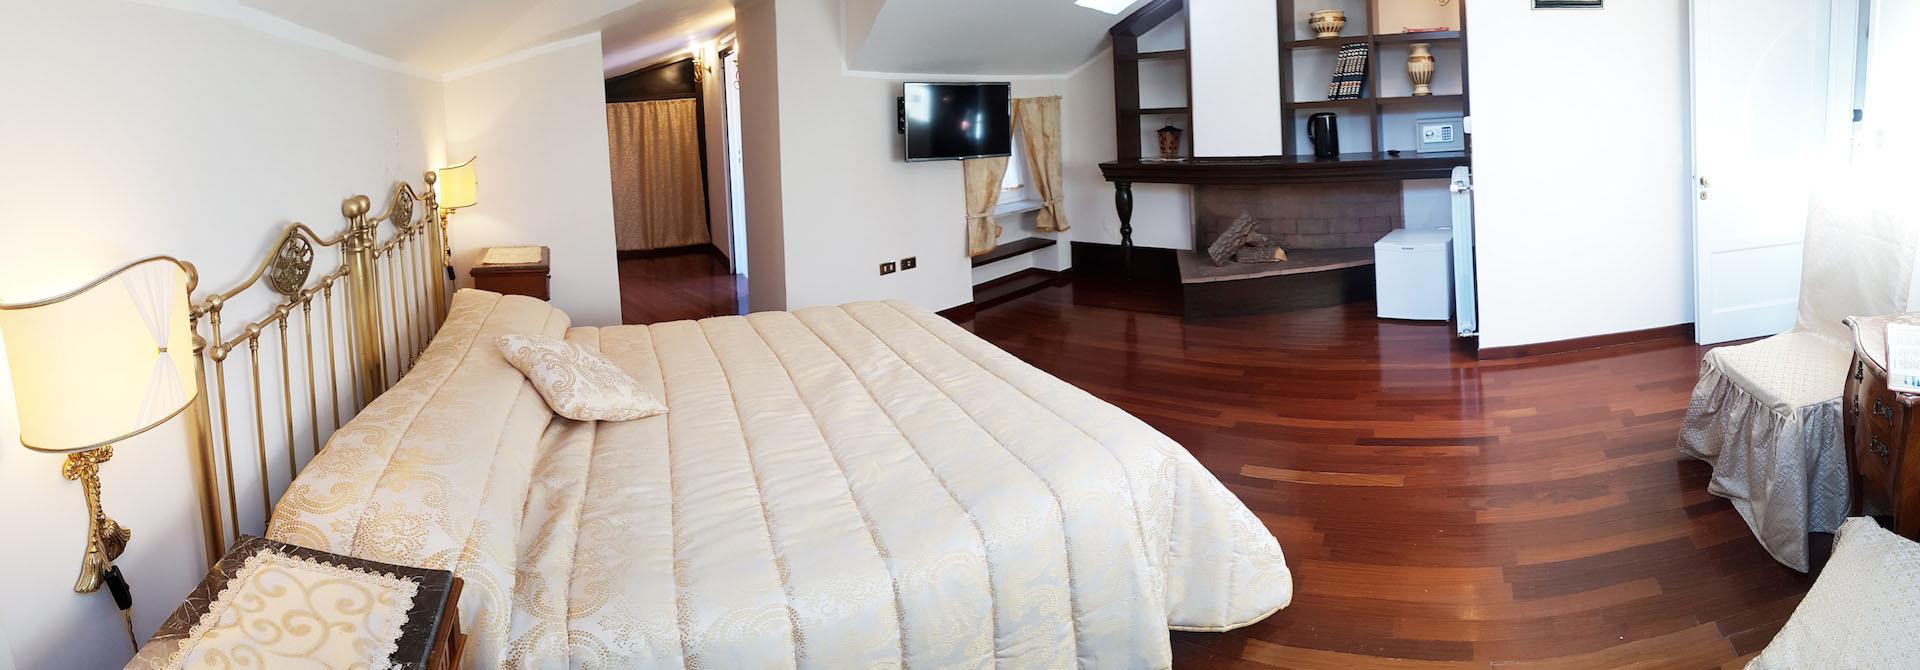 b&b caserta real borbone reggia di caserta camino in camera con terrazzo junior suite 1